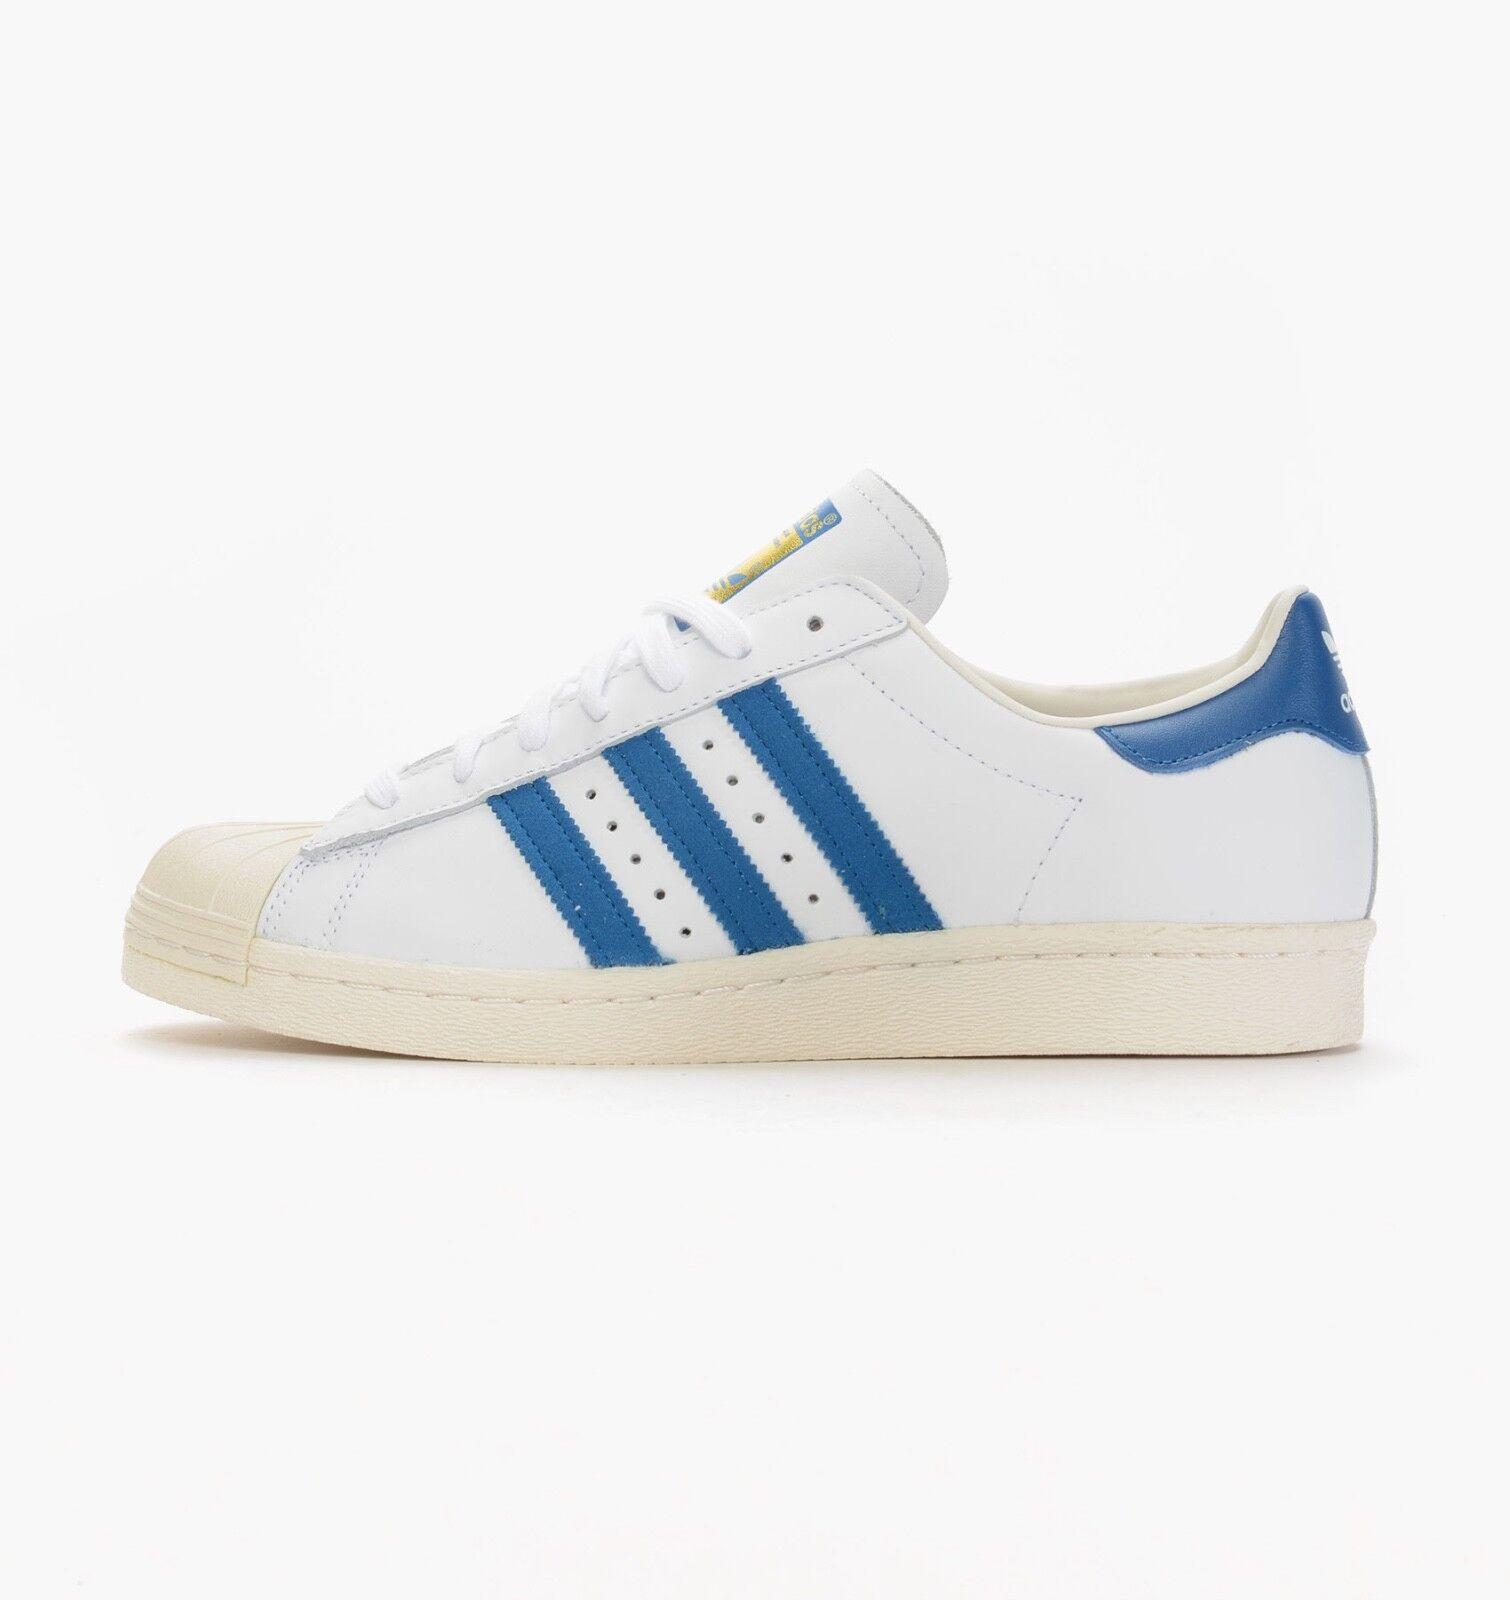 Adidas Originals Originals Originals Superstar 80s 12 Reino Unido 10cca8